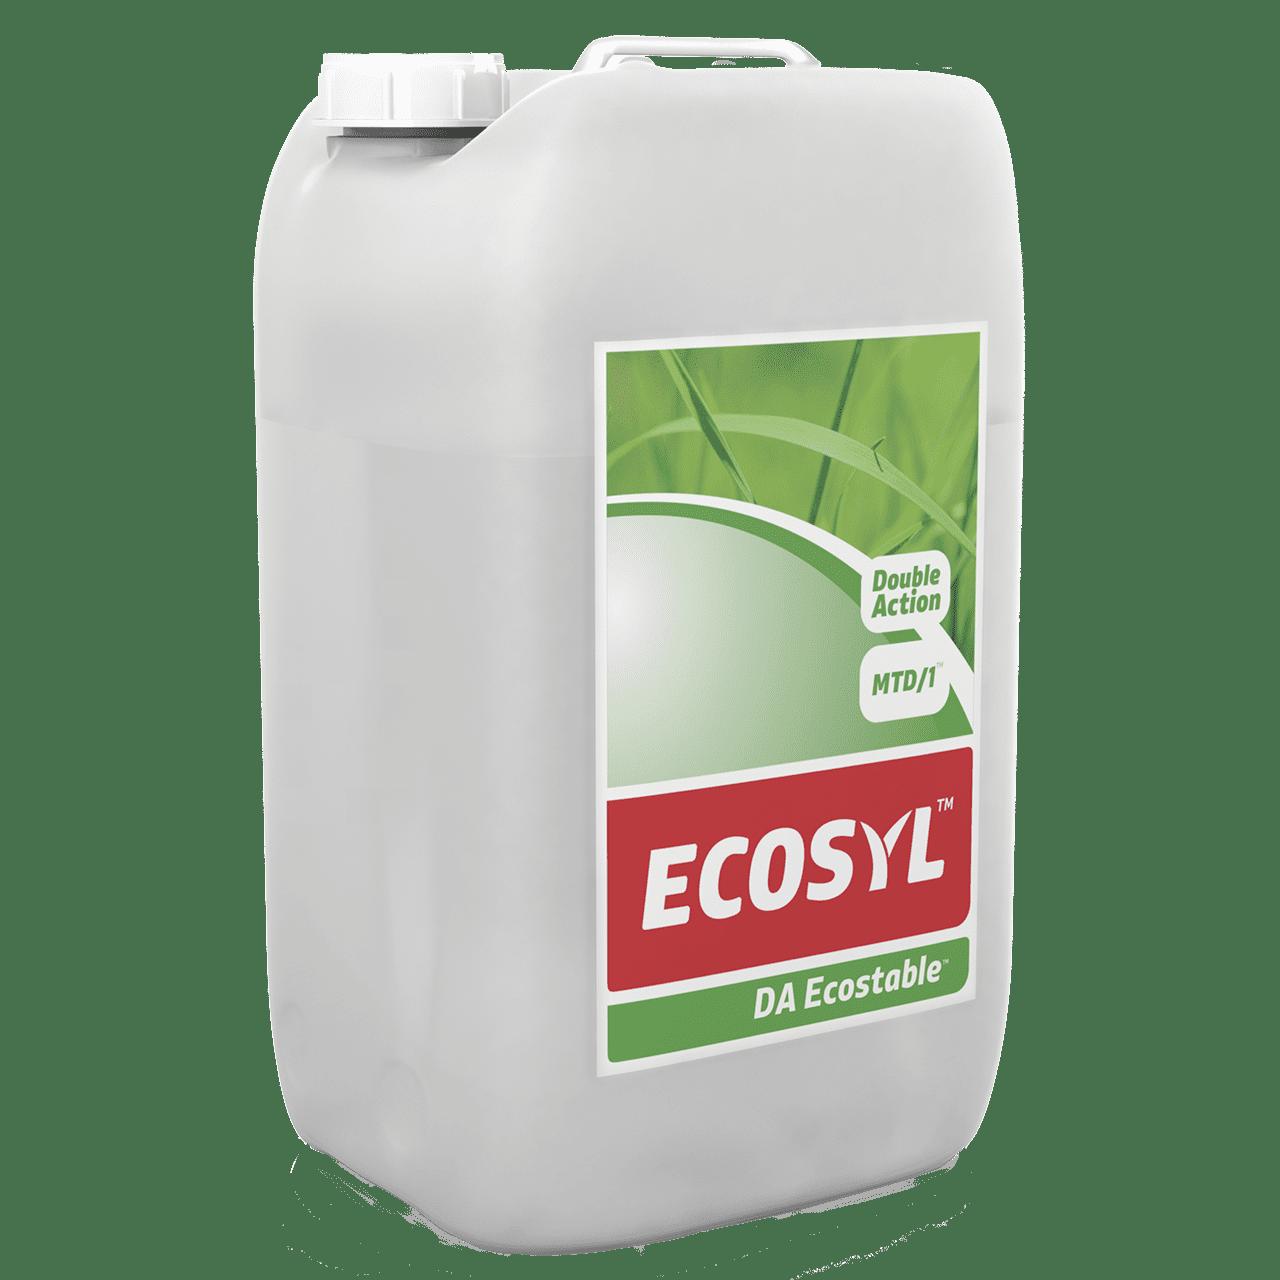 ECOSYL DA Ecostable